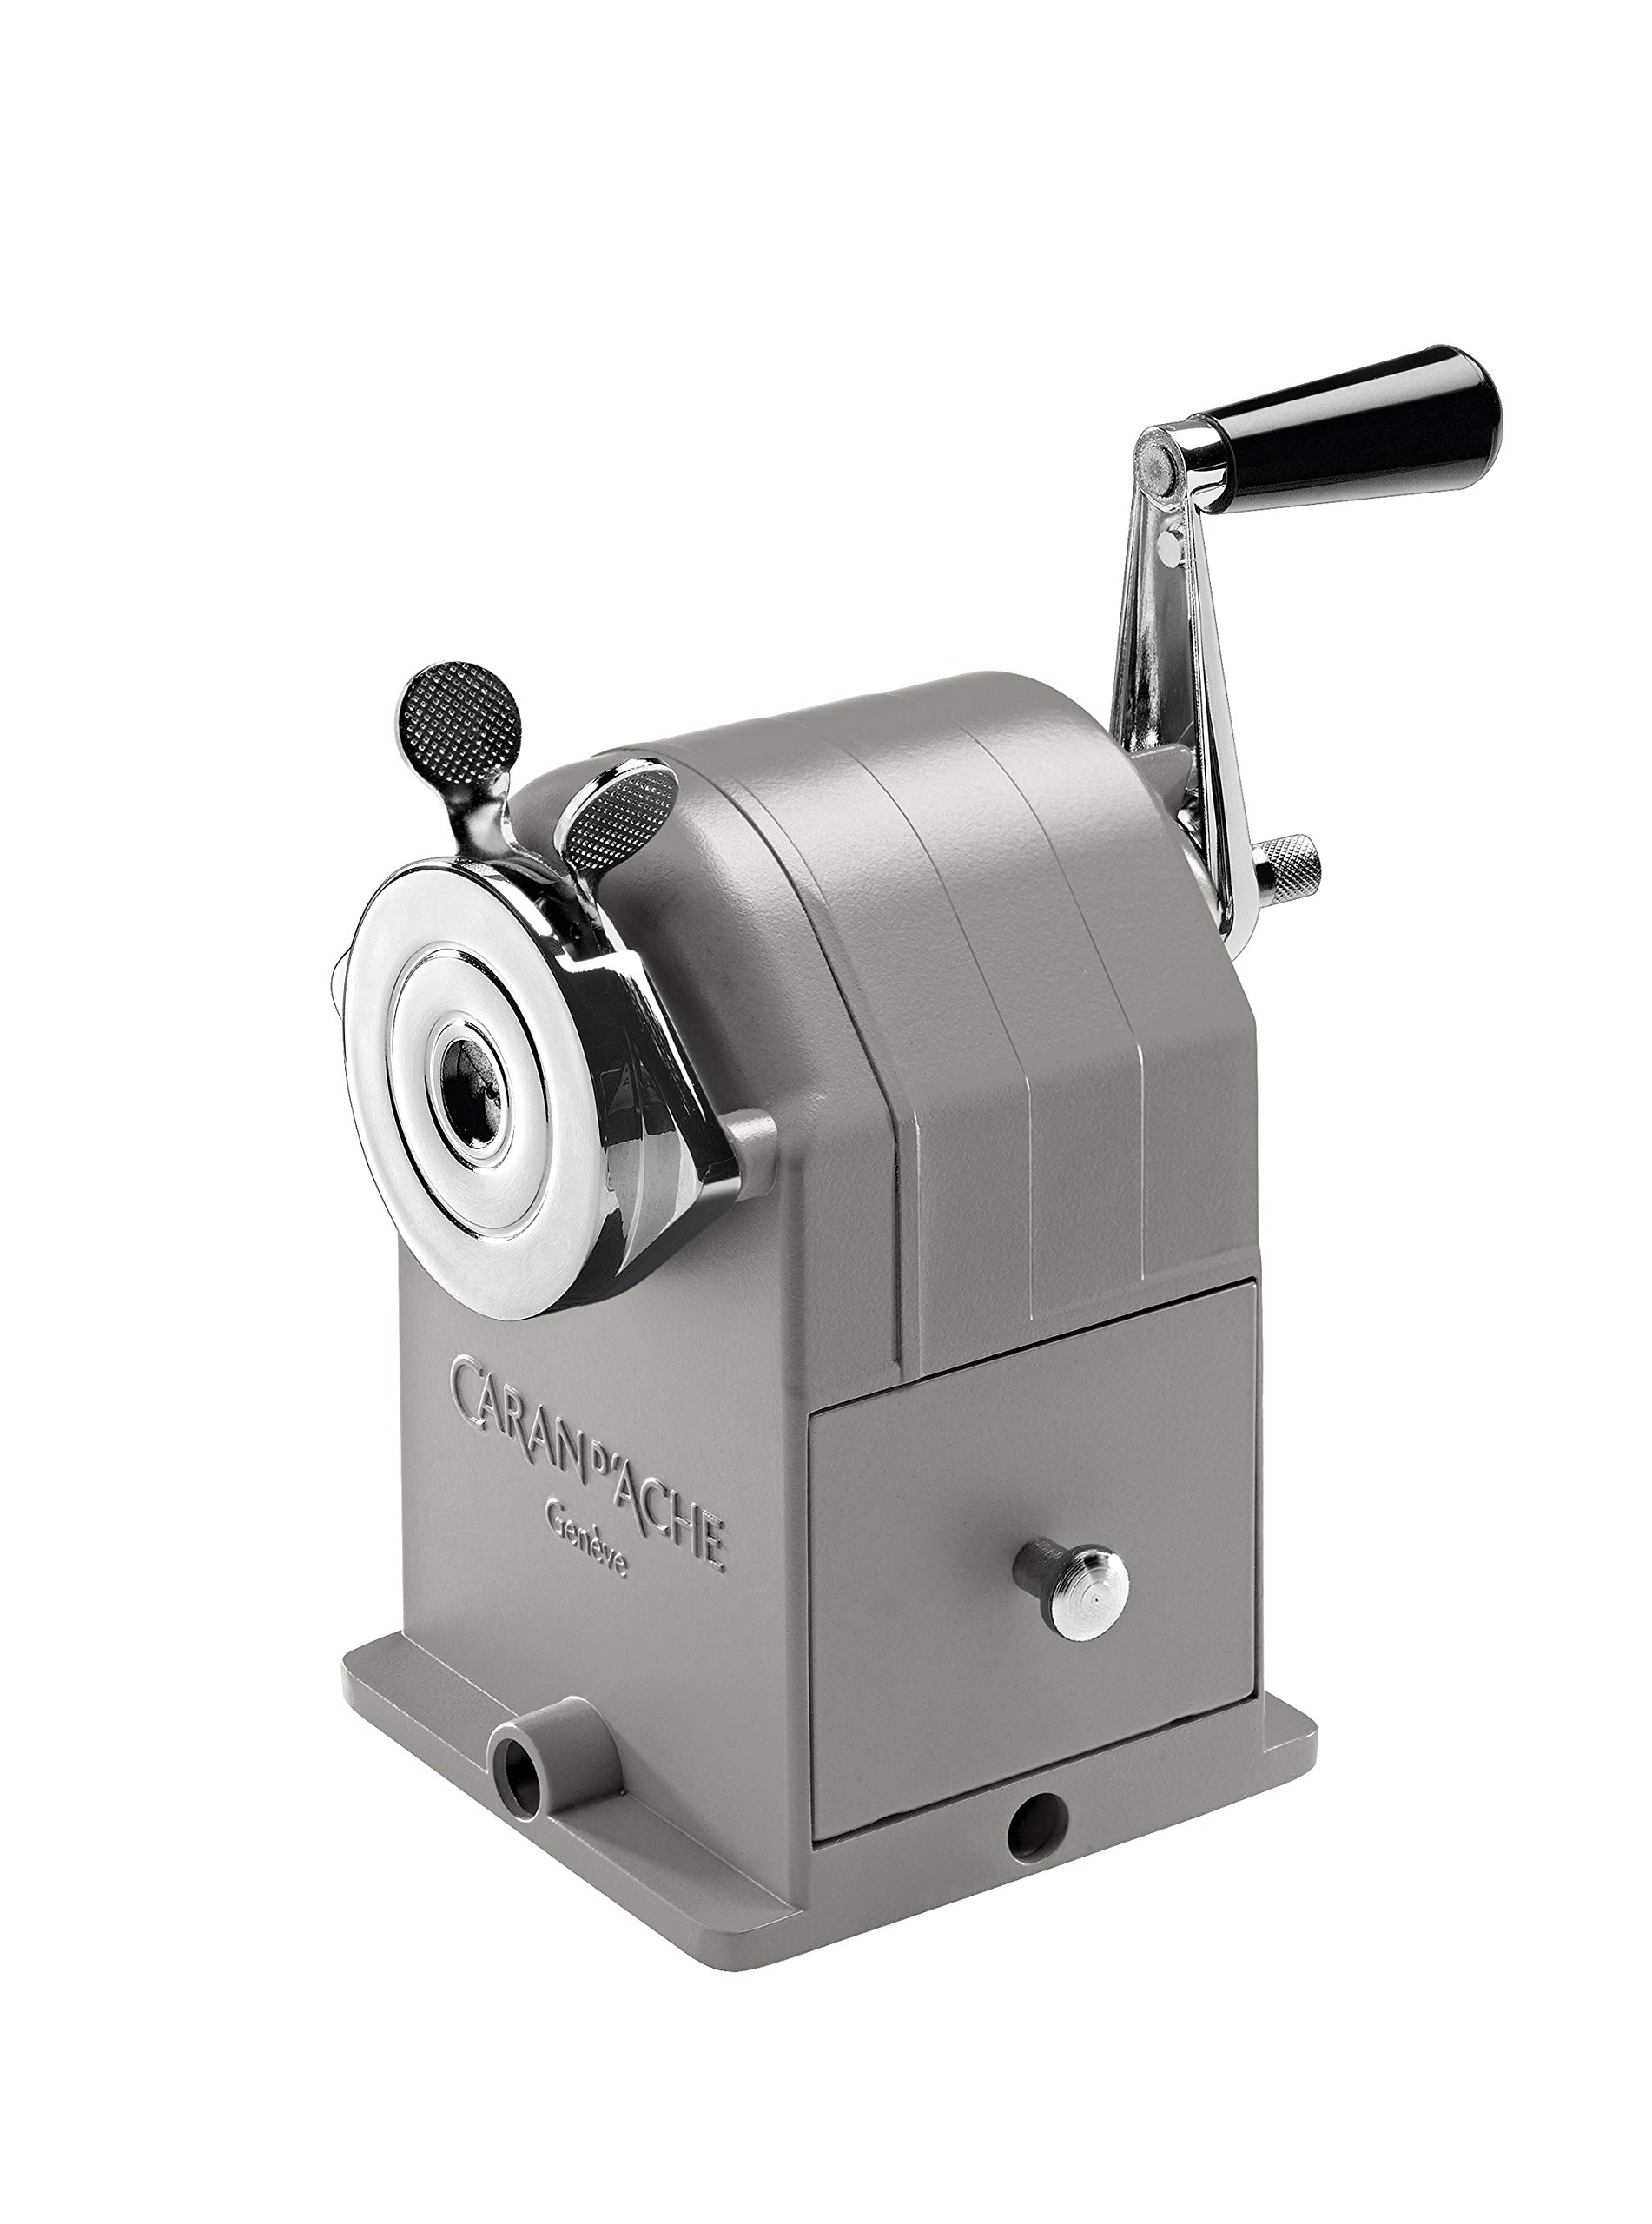 Caran D'ache Pencil-sharpening Machine (455.200) by Caran D'ache